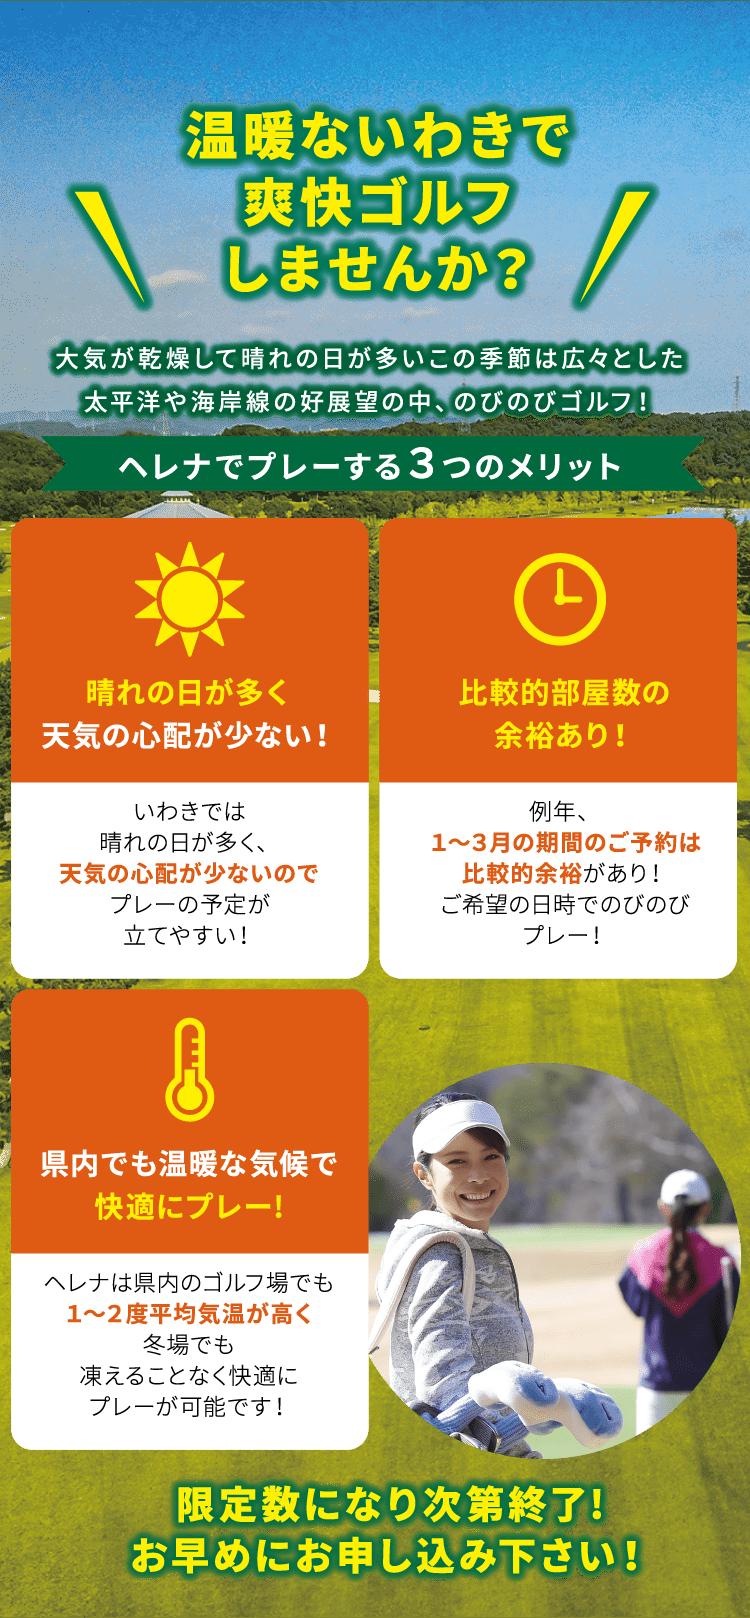 温暖ないわきで爽快ゴルフしませんか? ヘレナでプレーする3つのメリット